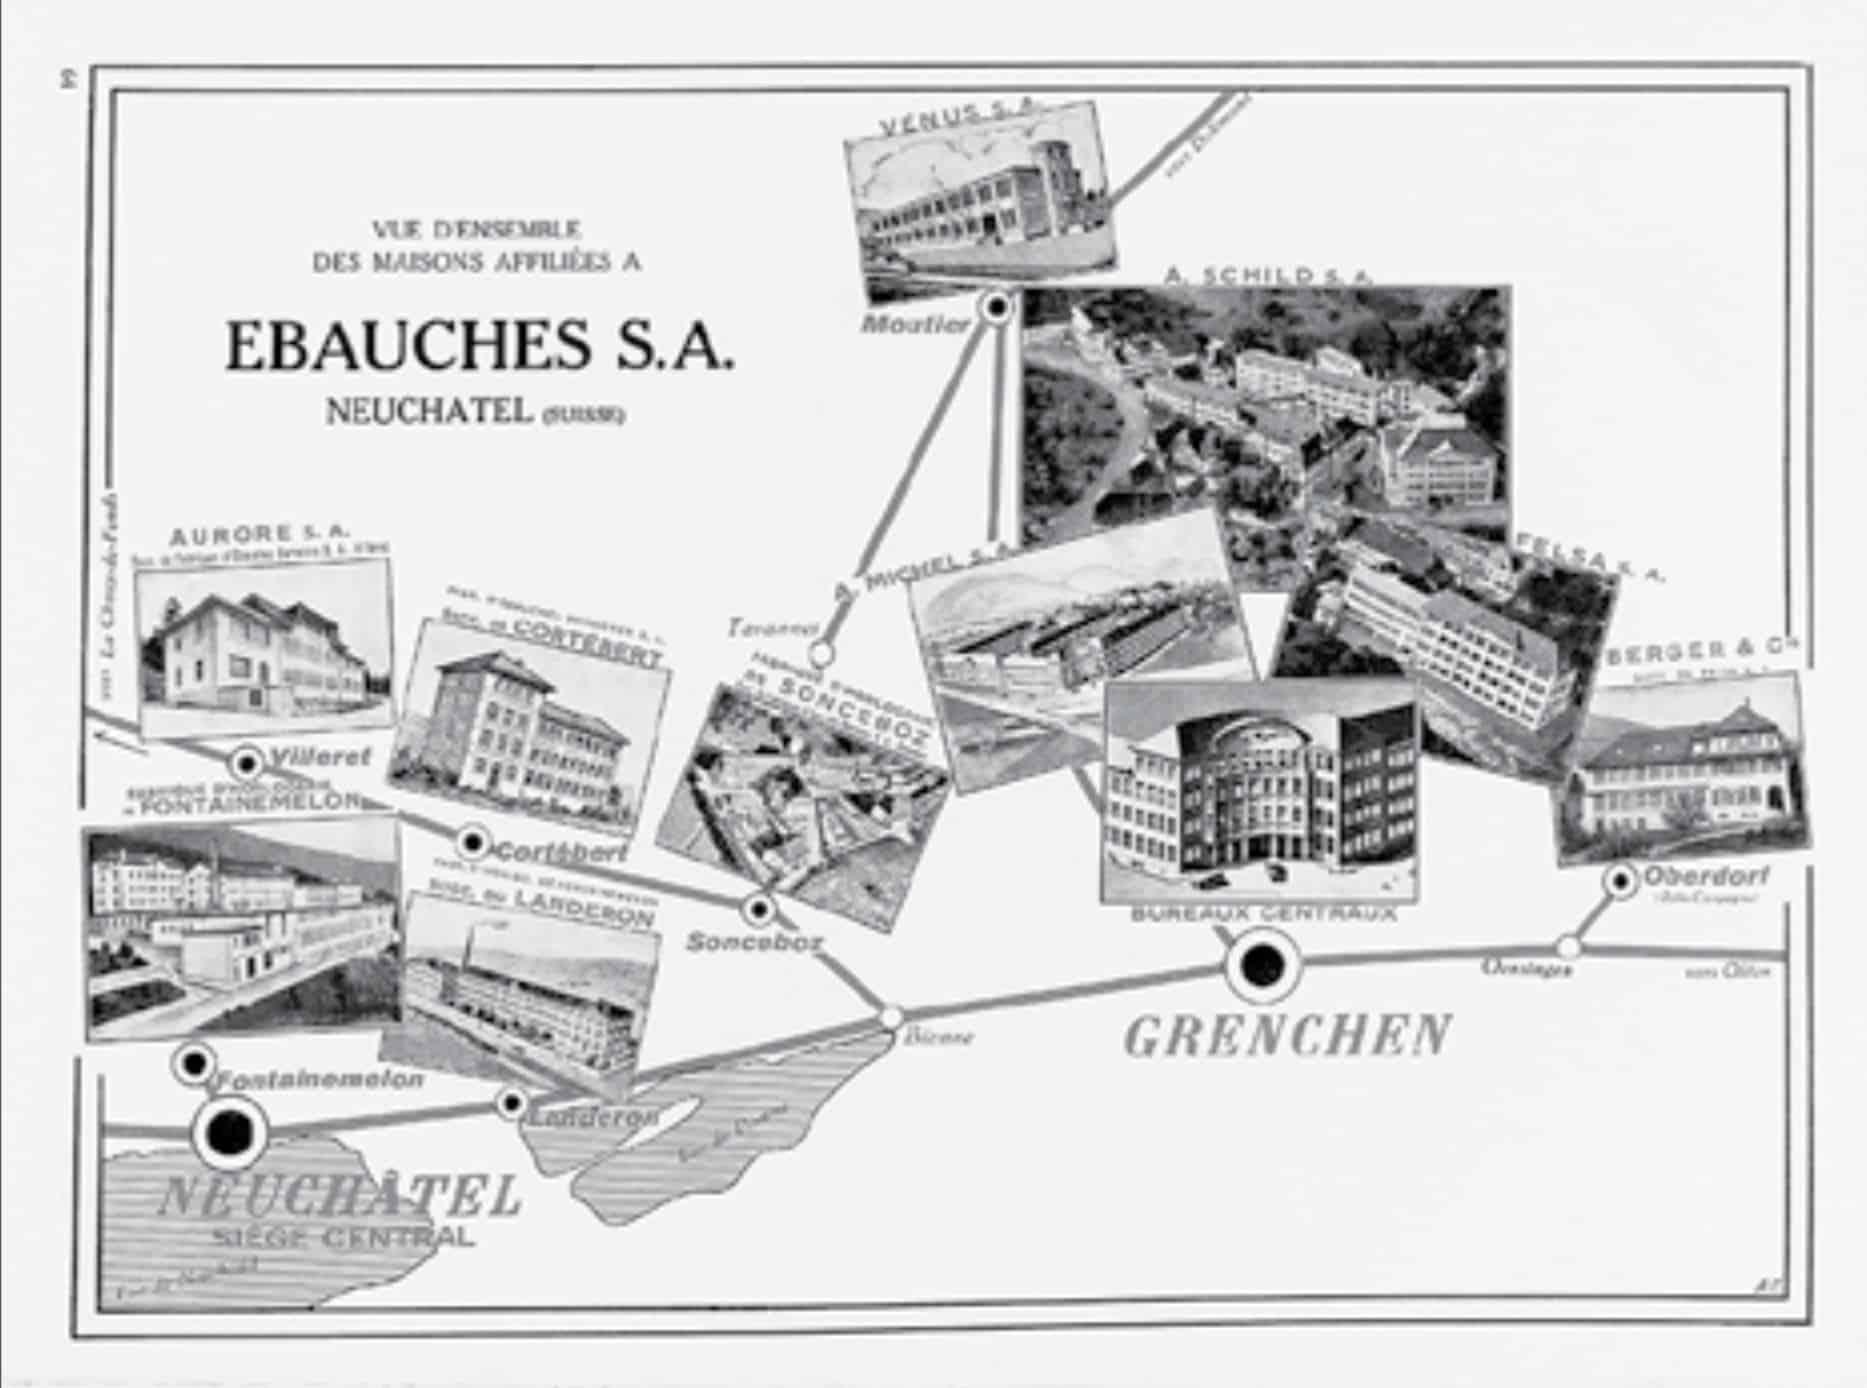 Die Uhrenindustrie zwischen Grenchen, Biel und dem See von Neuchatel schloss sich zusammen